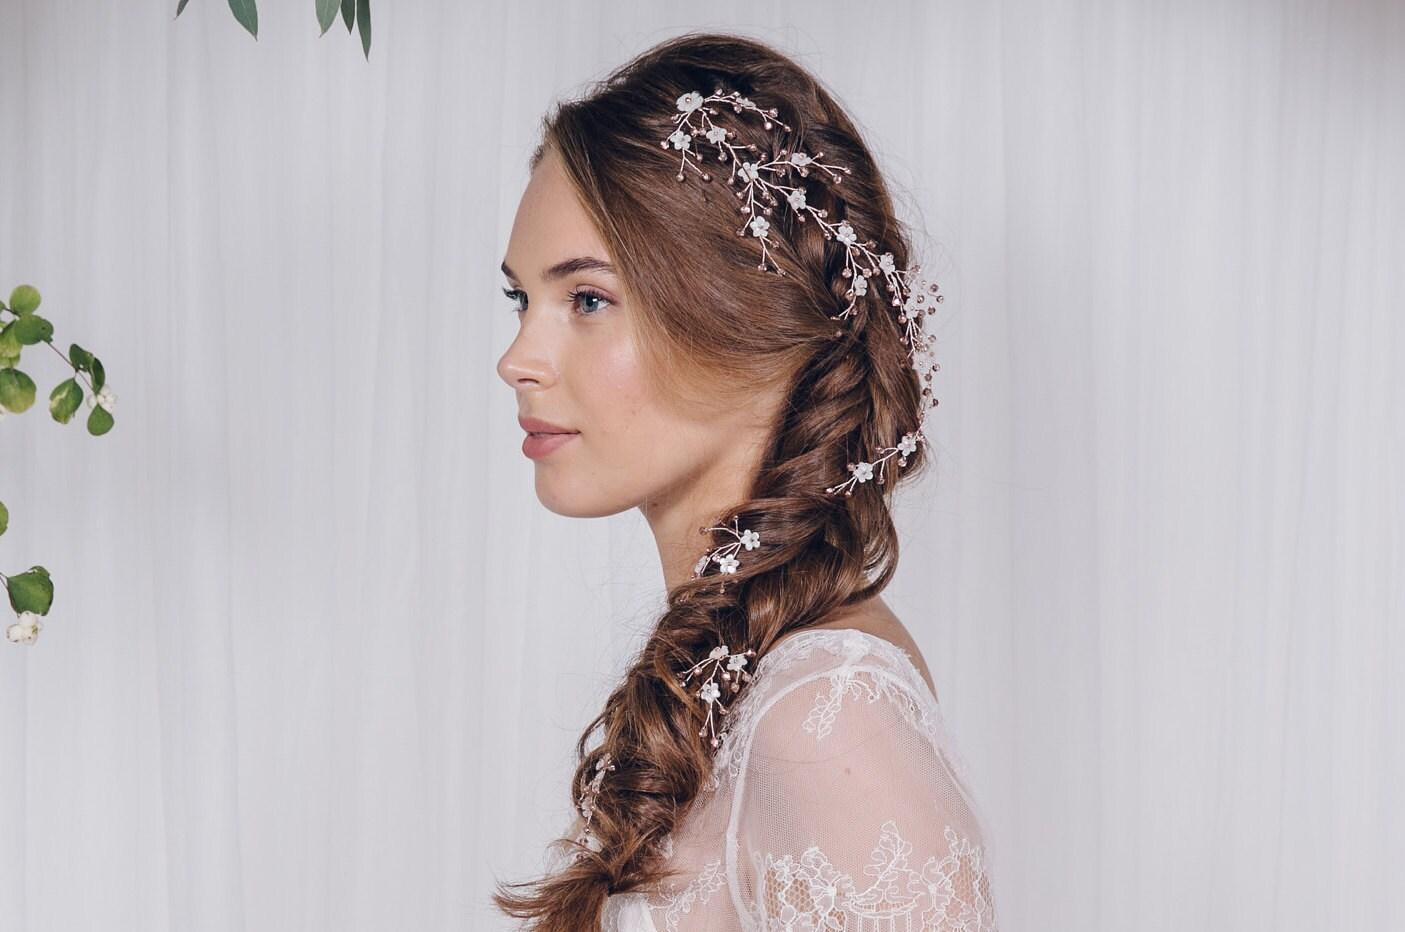 Plait hairvine wedding hairvine flower hairvine wedding